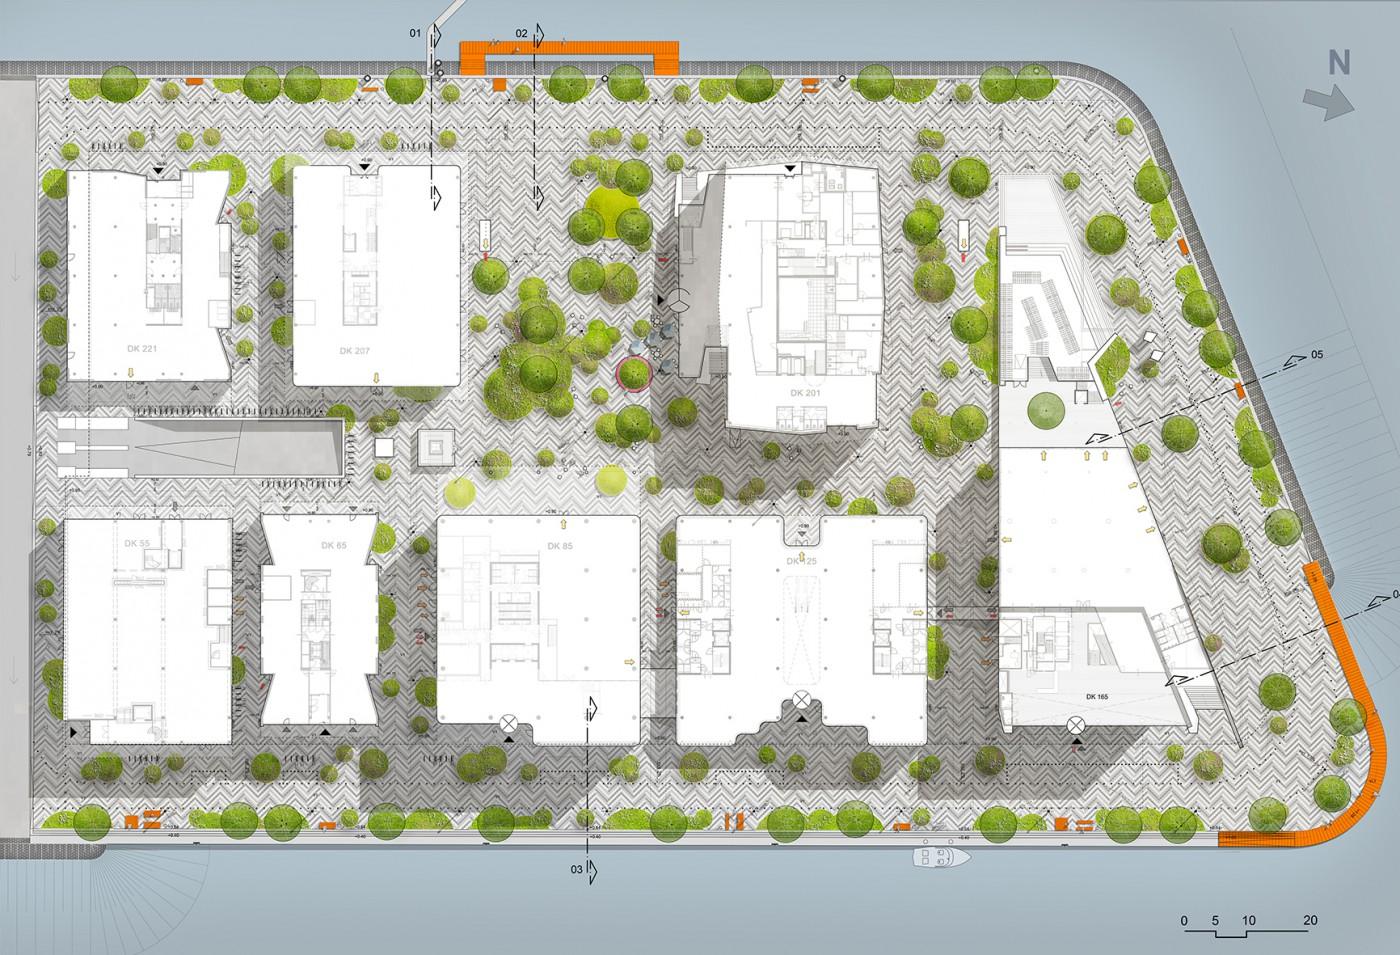 buro-sant-en-co-landschapsarchitectuur-danzigerkade-houthavens-amsterdam-ontwerp